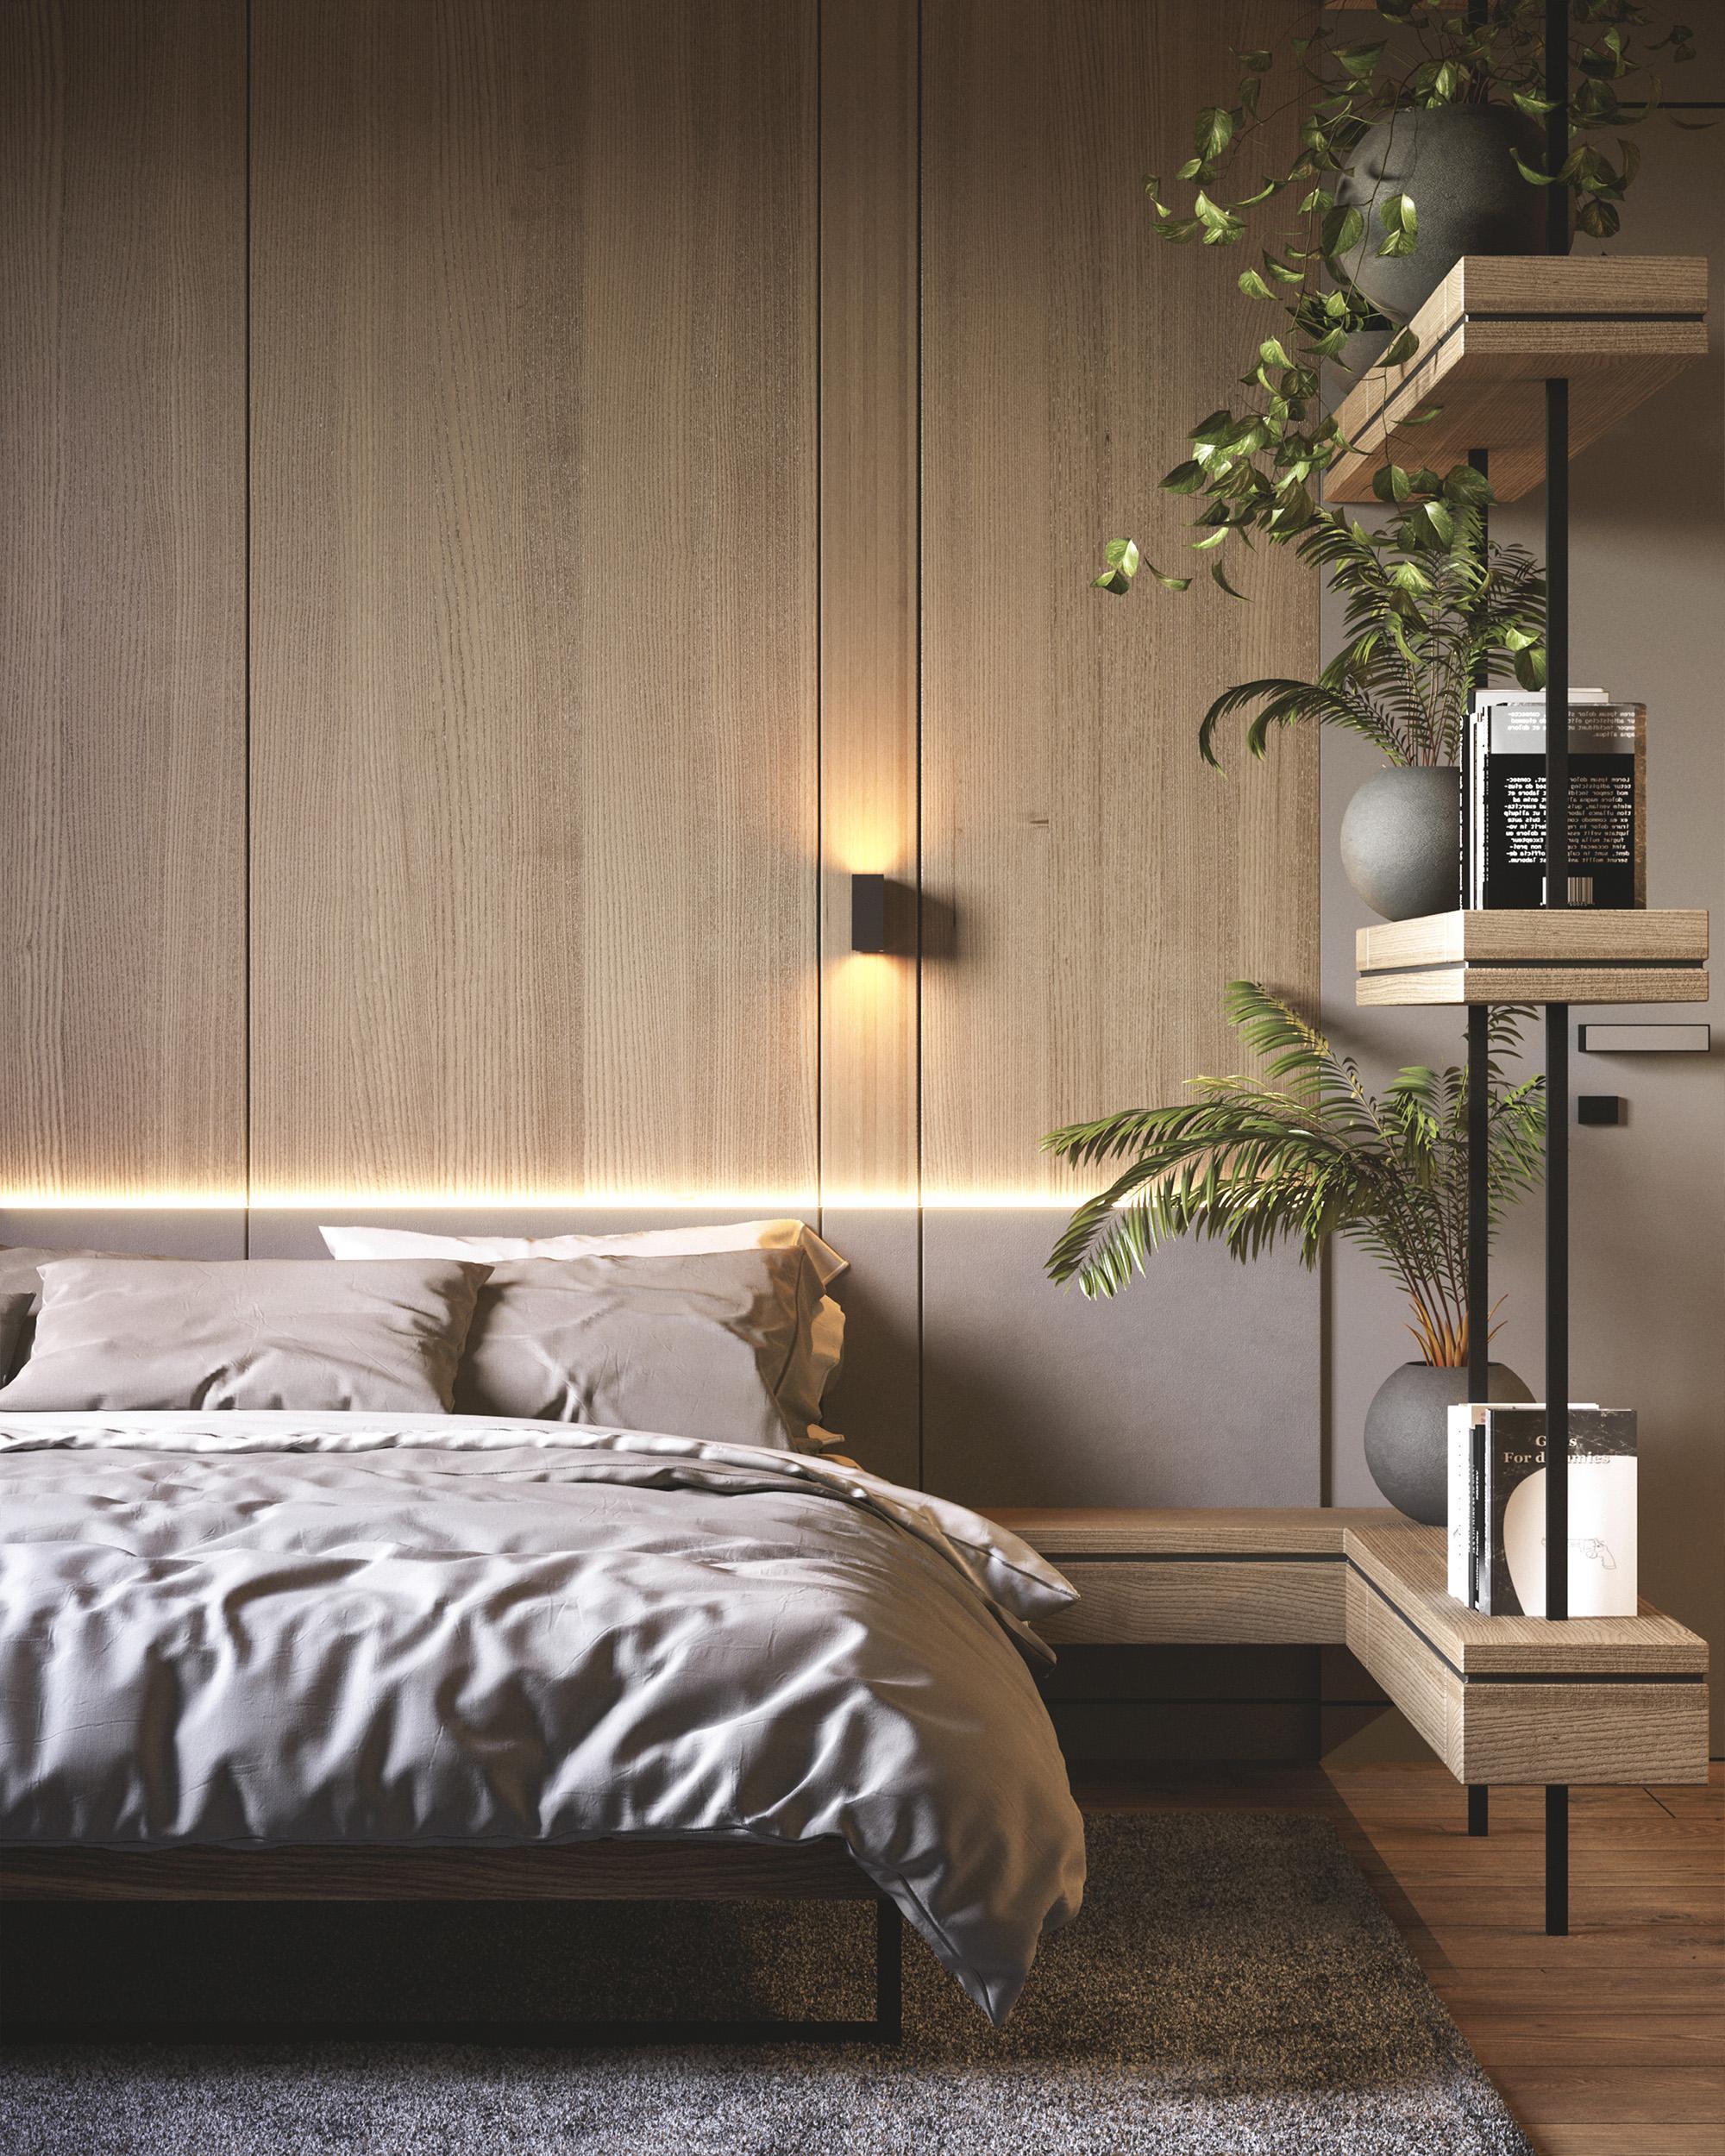 сучасний дизайн інтер'єру спальні в ЖК Радужний